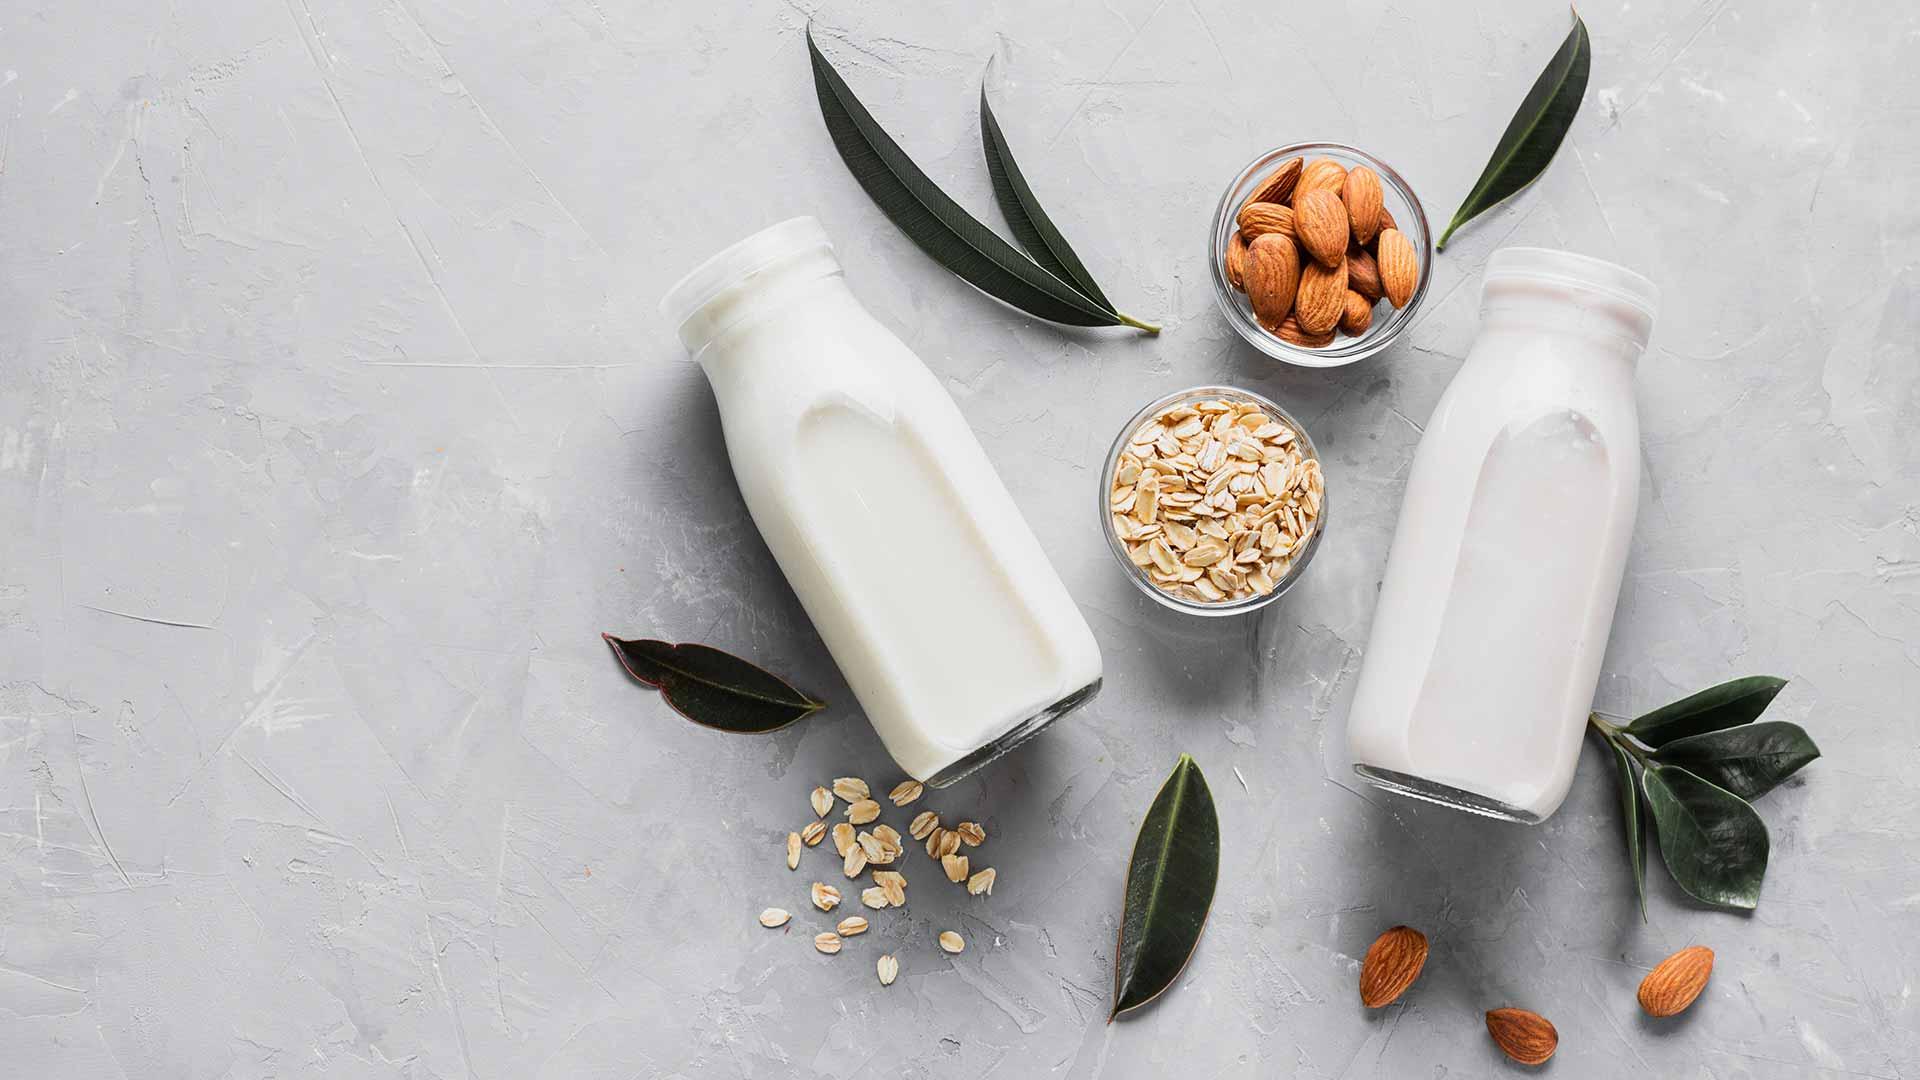 Hafermilch ganz einfach und günstig mit einem Nussmilchbeutel von EcoYou herstellen